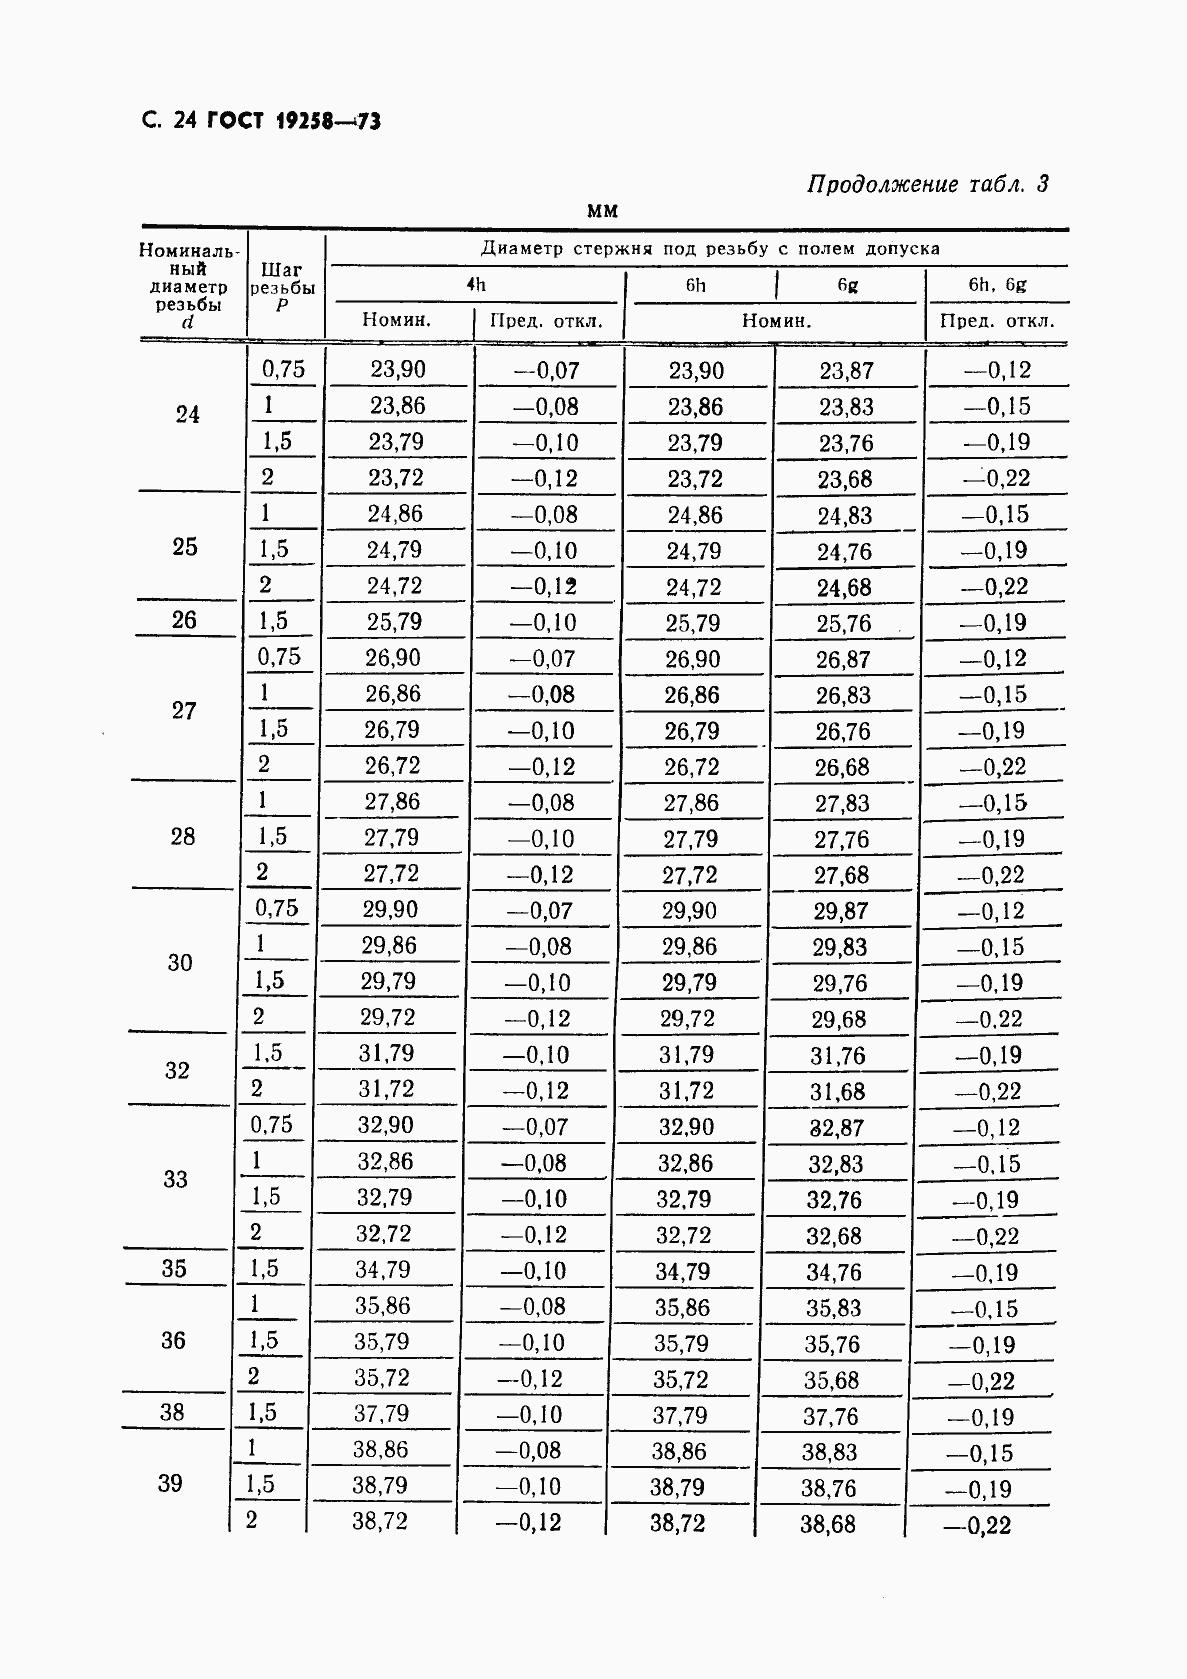 ГОСТ 19258-73. Страница 26